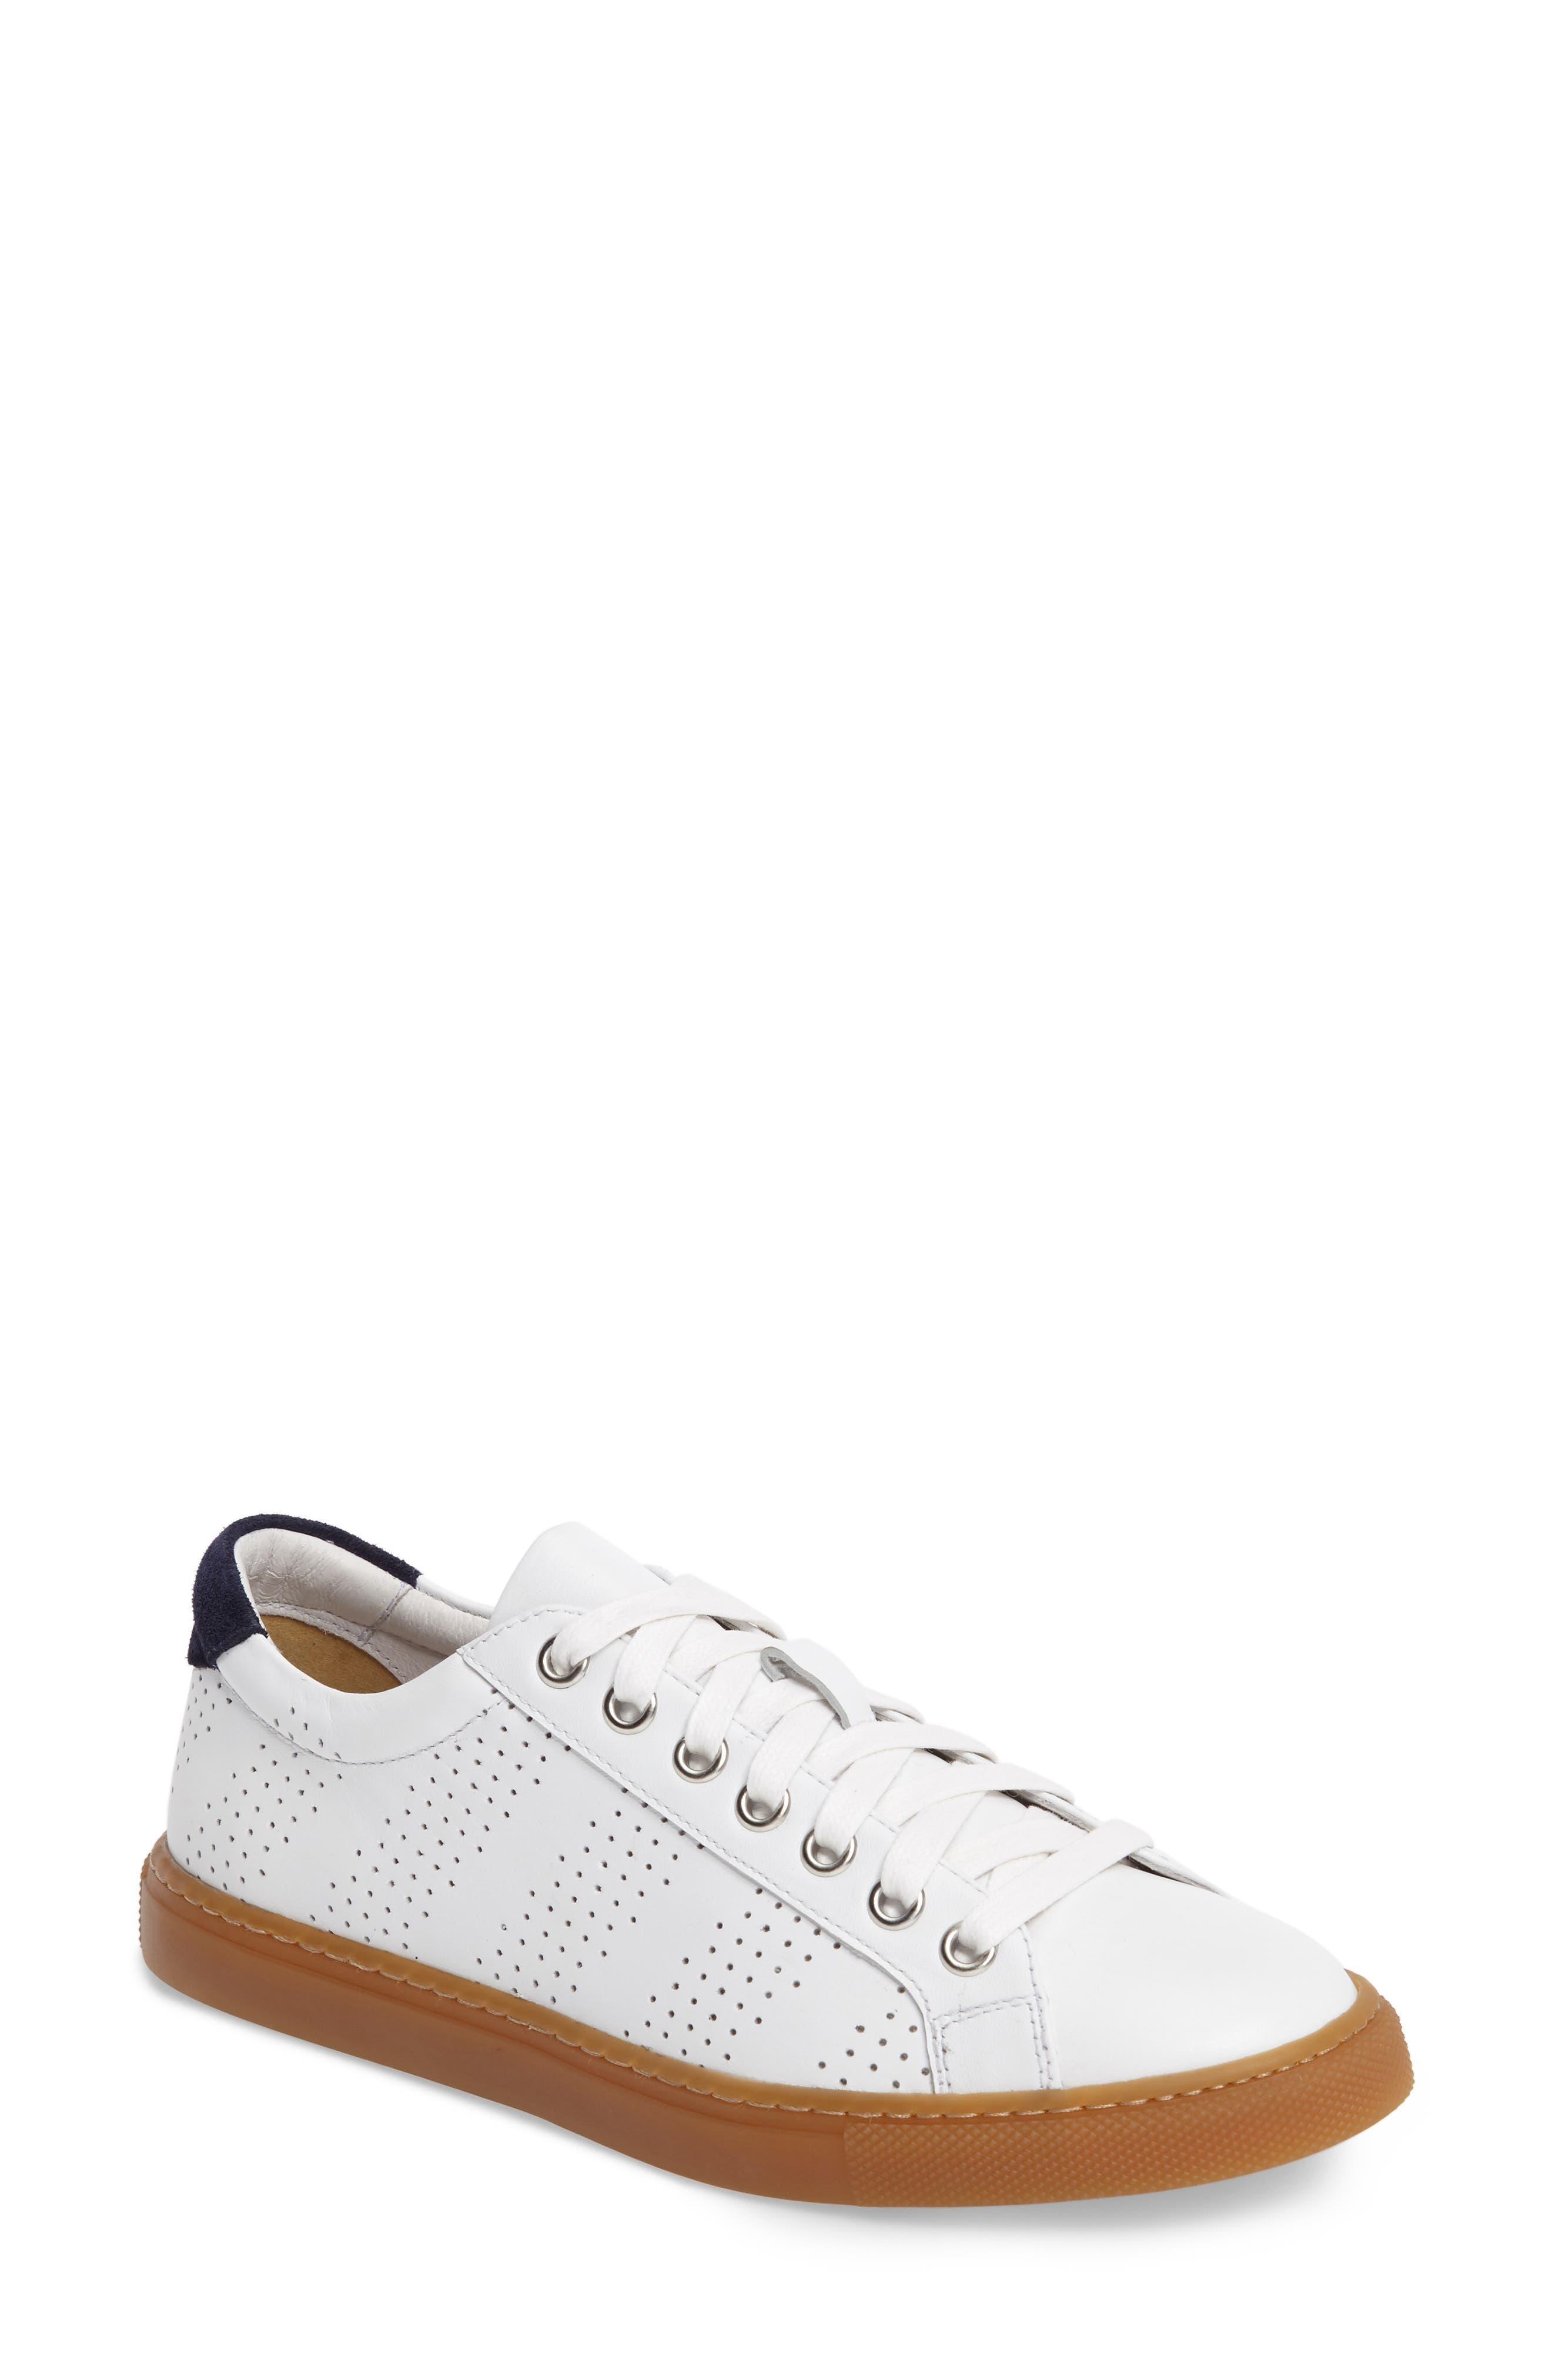 Treasure & Bond Merrick Perforated Sneaker (Women)